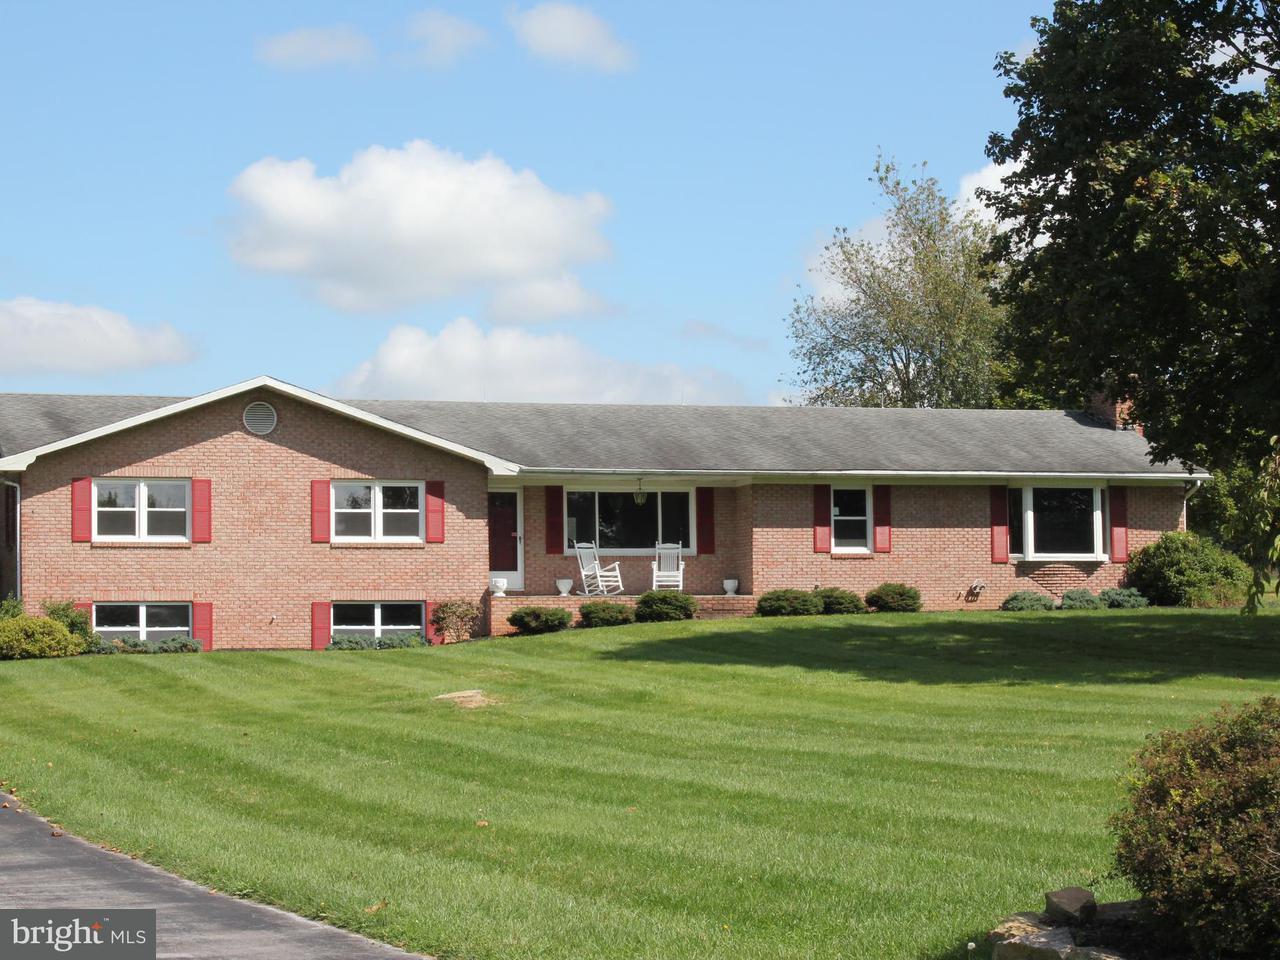 Maison unifamiliale pour l Vente à 3643 Old Leetown Pike 3643 Old Leetown Pike Ranson, Virginie-Occidentale 25438 États-Unis